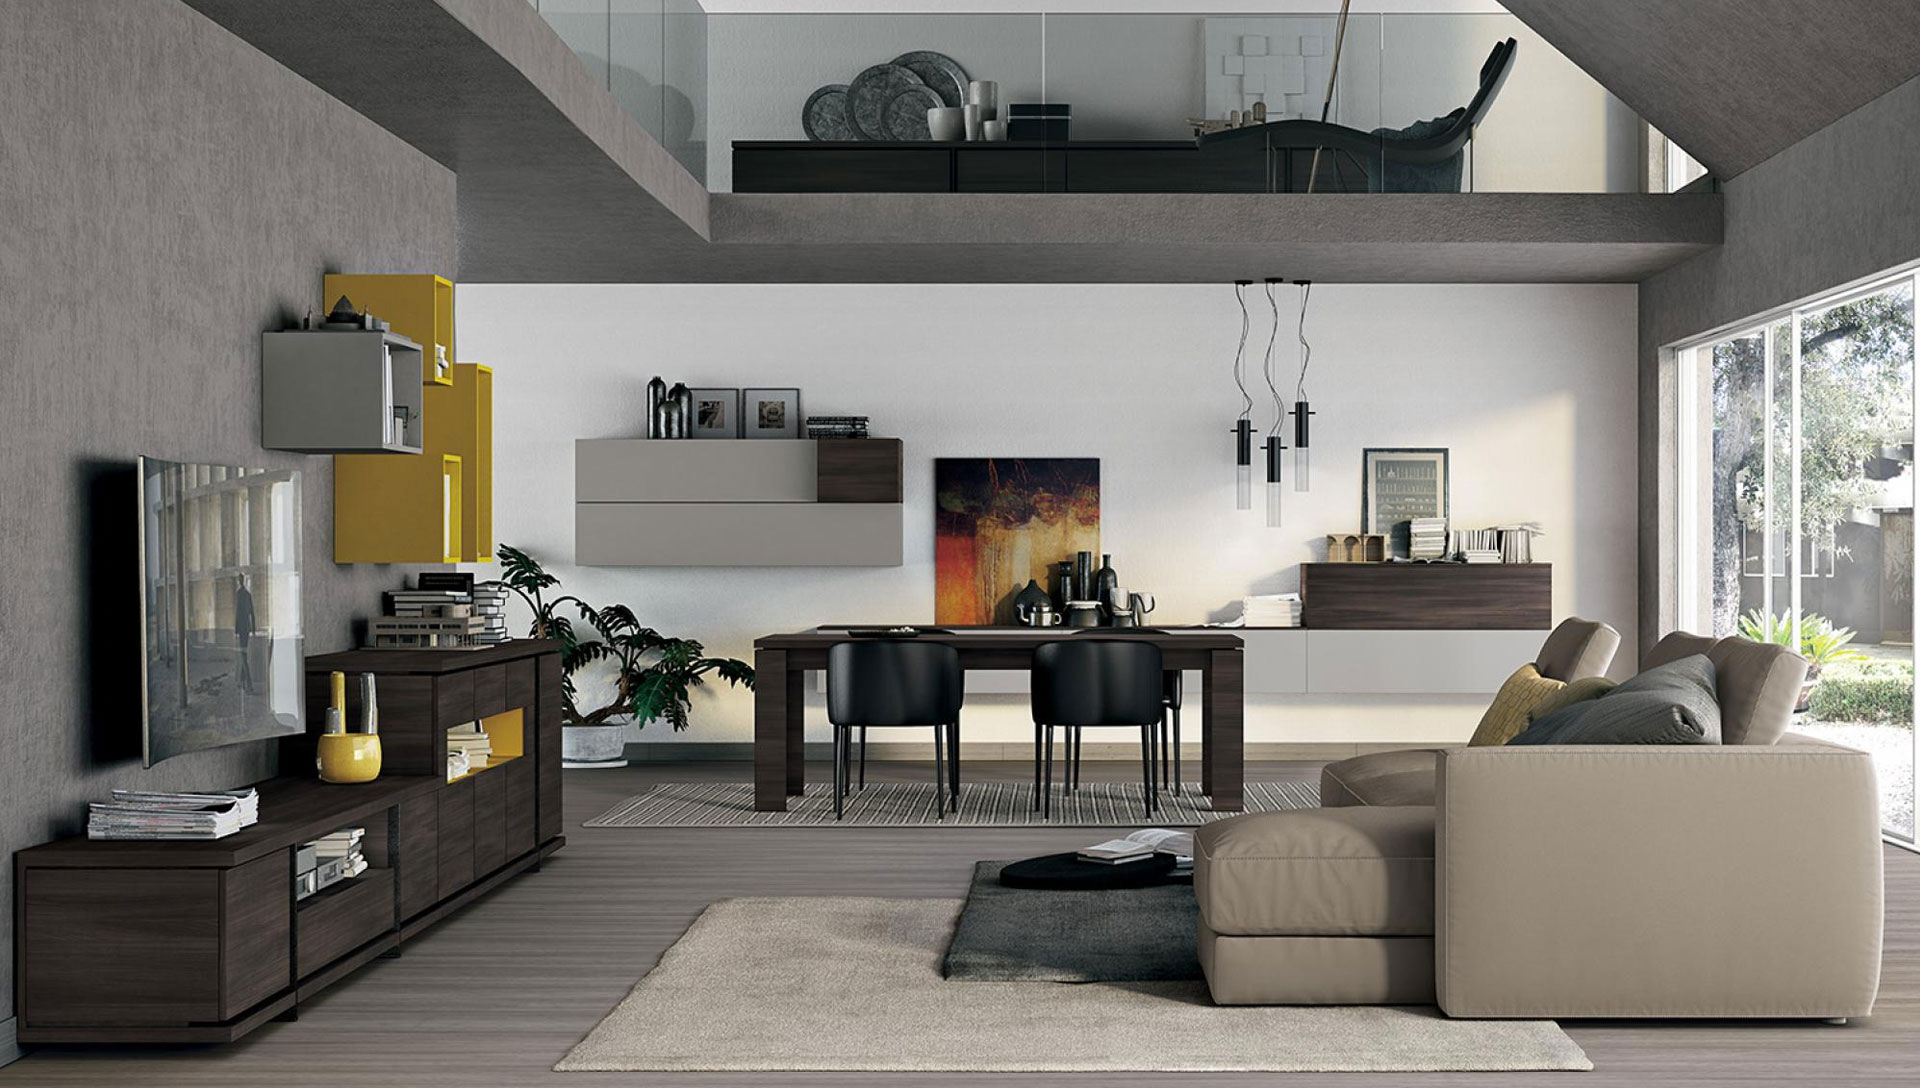 complementi-arredo-colombini-comodus-arredamenti-nicoletti-interni-interior-design-divani-complementi-arredo-mobili-design-accessori-matera